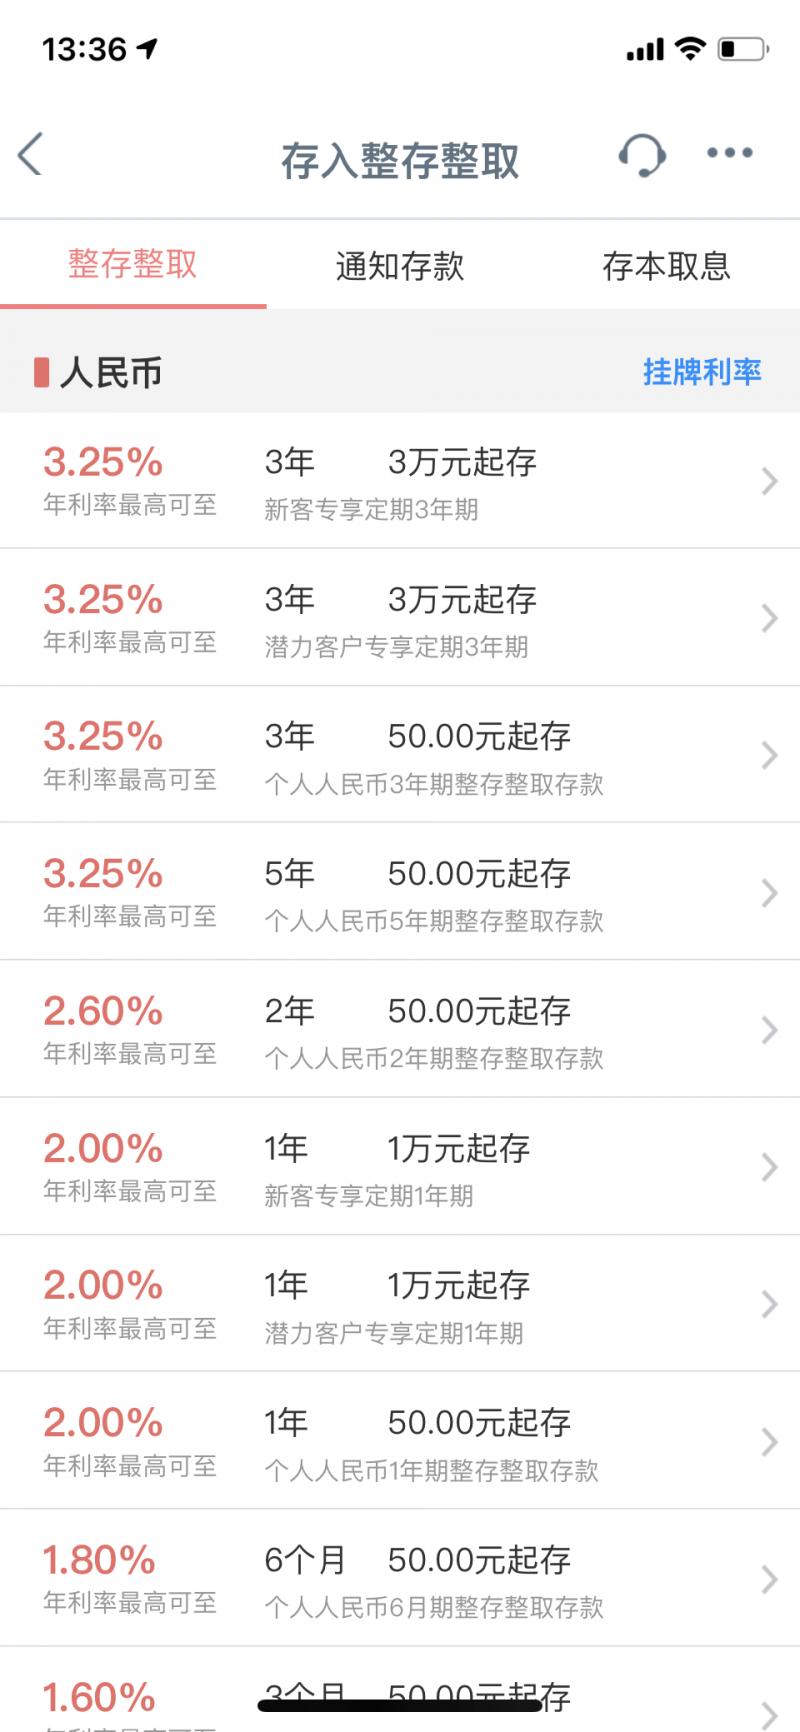 15楼财经   银行存款利率真调了 四大行定存利率最高3.25%